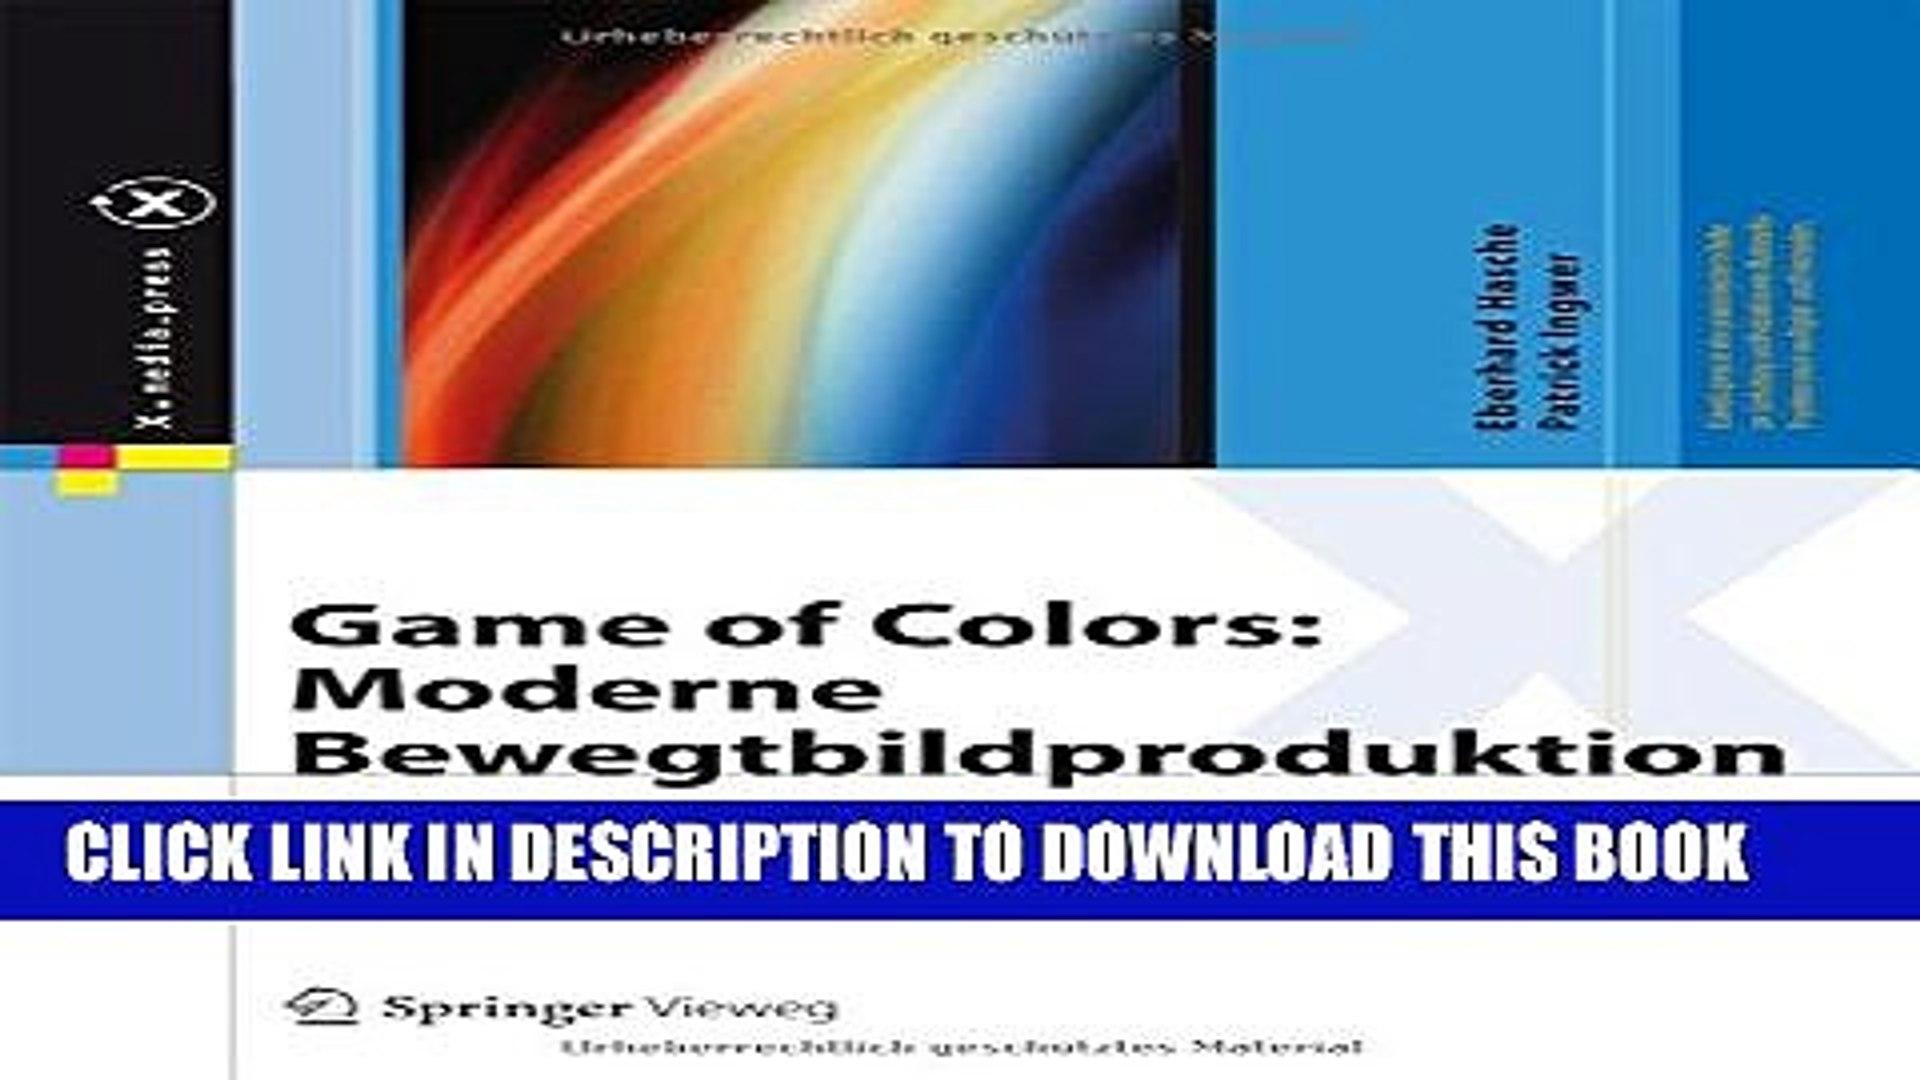 [PDF] Game of Colors: Moderne Bewegtbildproduktion: Theorie und Praxis für  Film, Video und